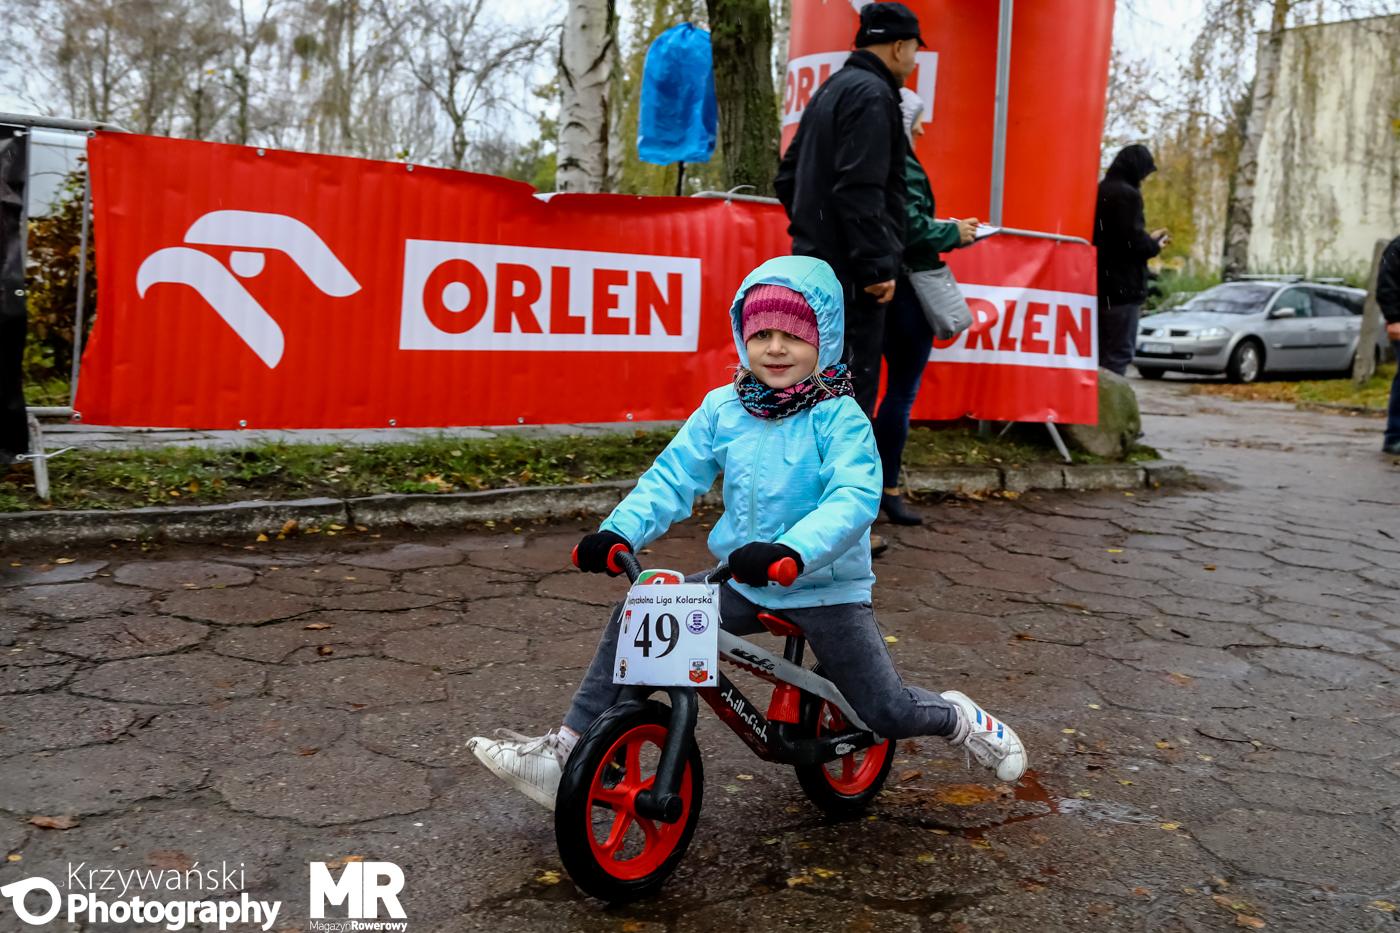 https://magazynrowerowy.pl/logmein/wp-content/uploads/2017/11/Orlen-PP-CX_IV-seria_Strzelce-Krajenskie-2017_0017.jpg